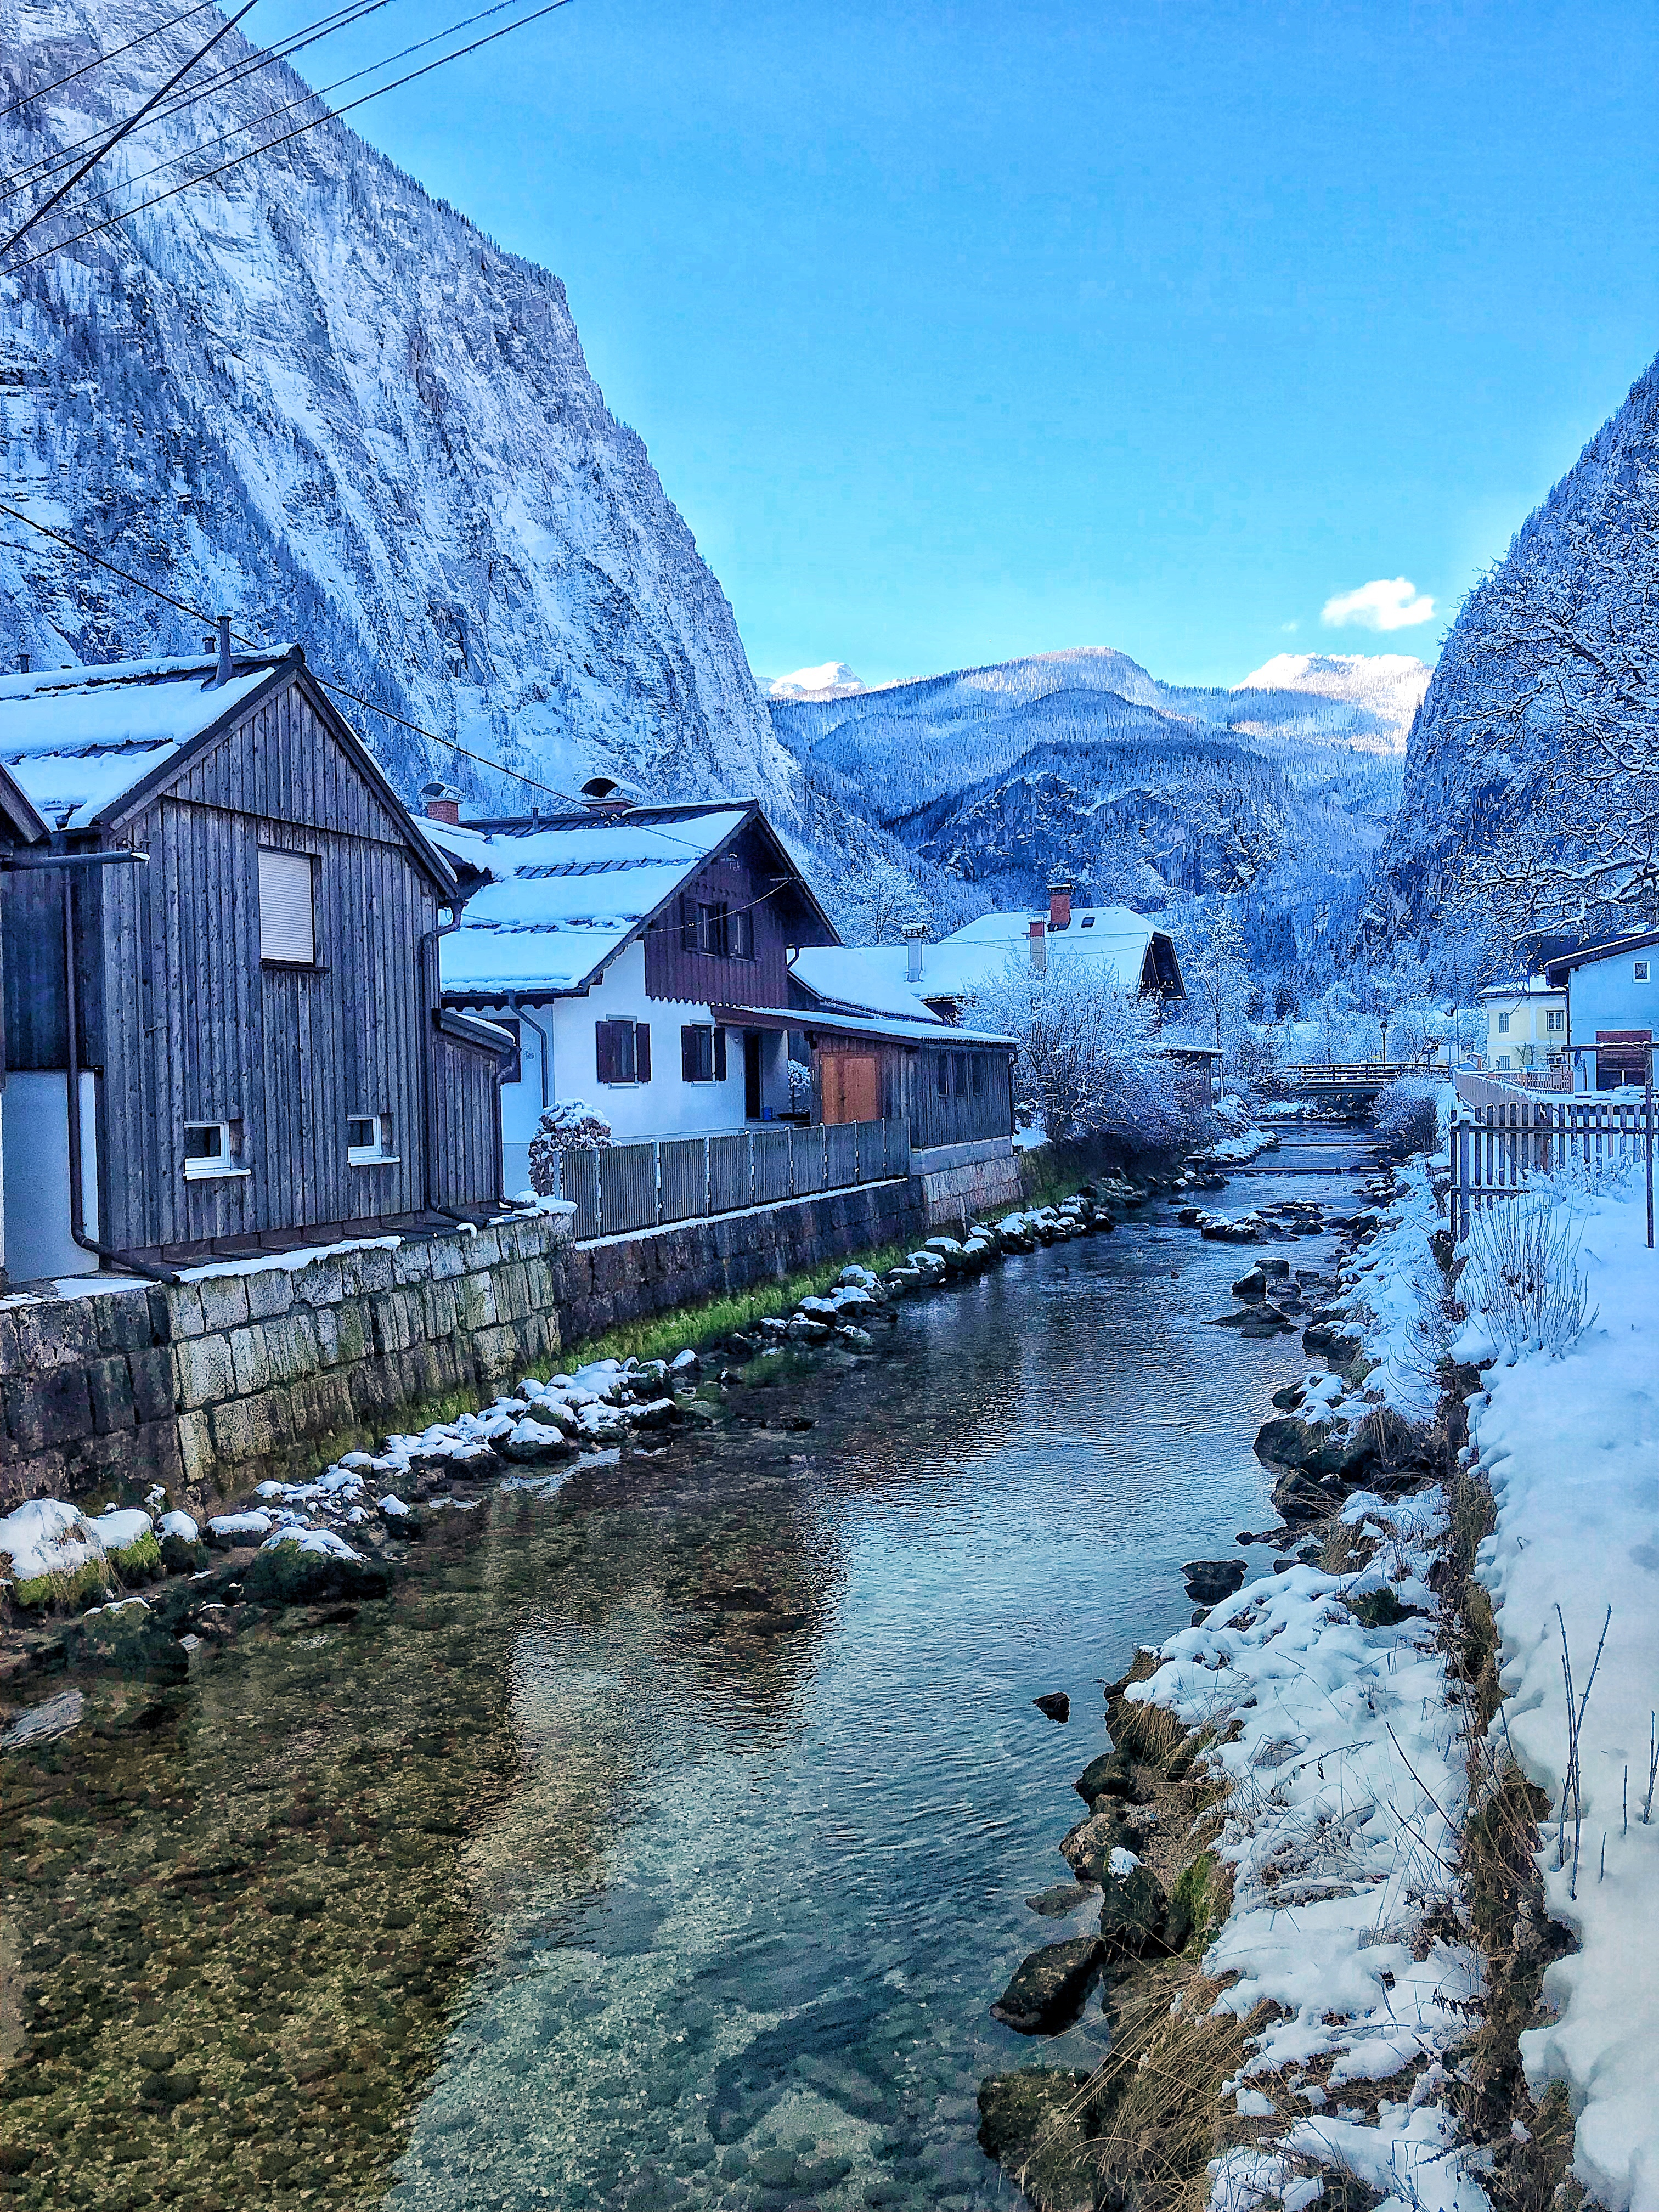 Hallstatt Austria river in winter